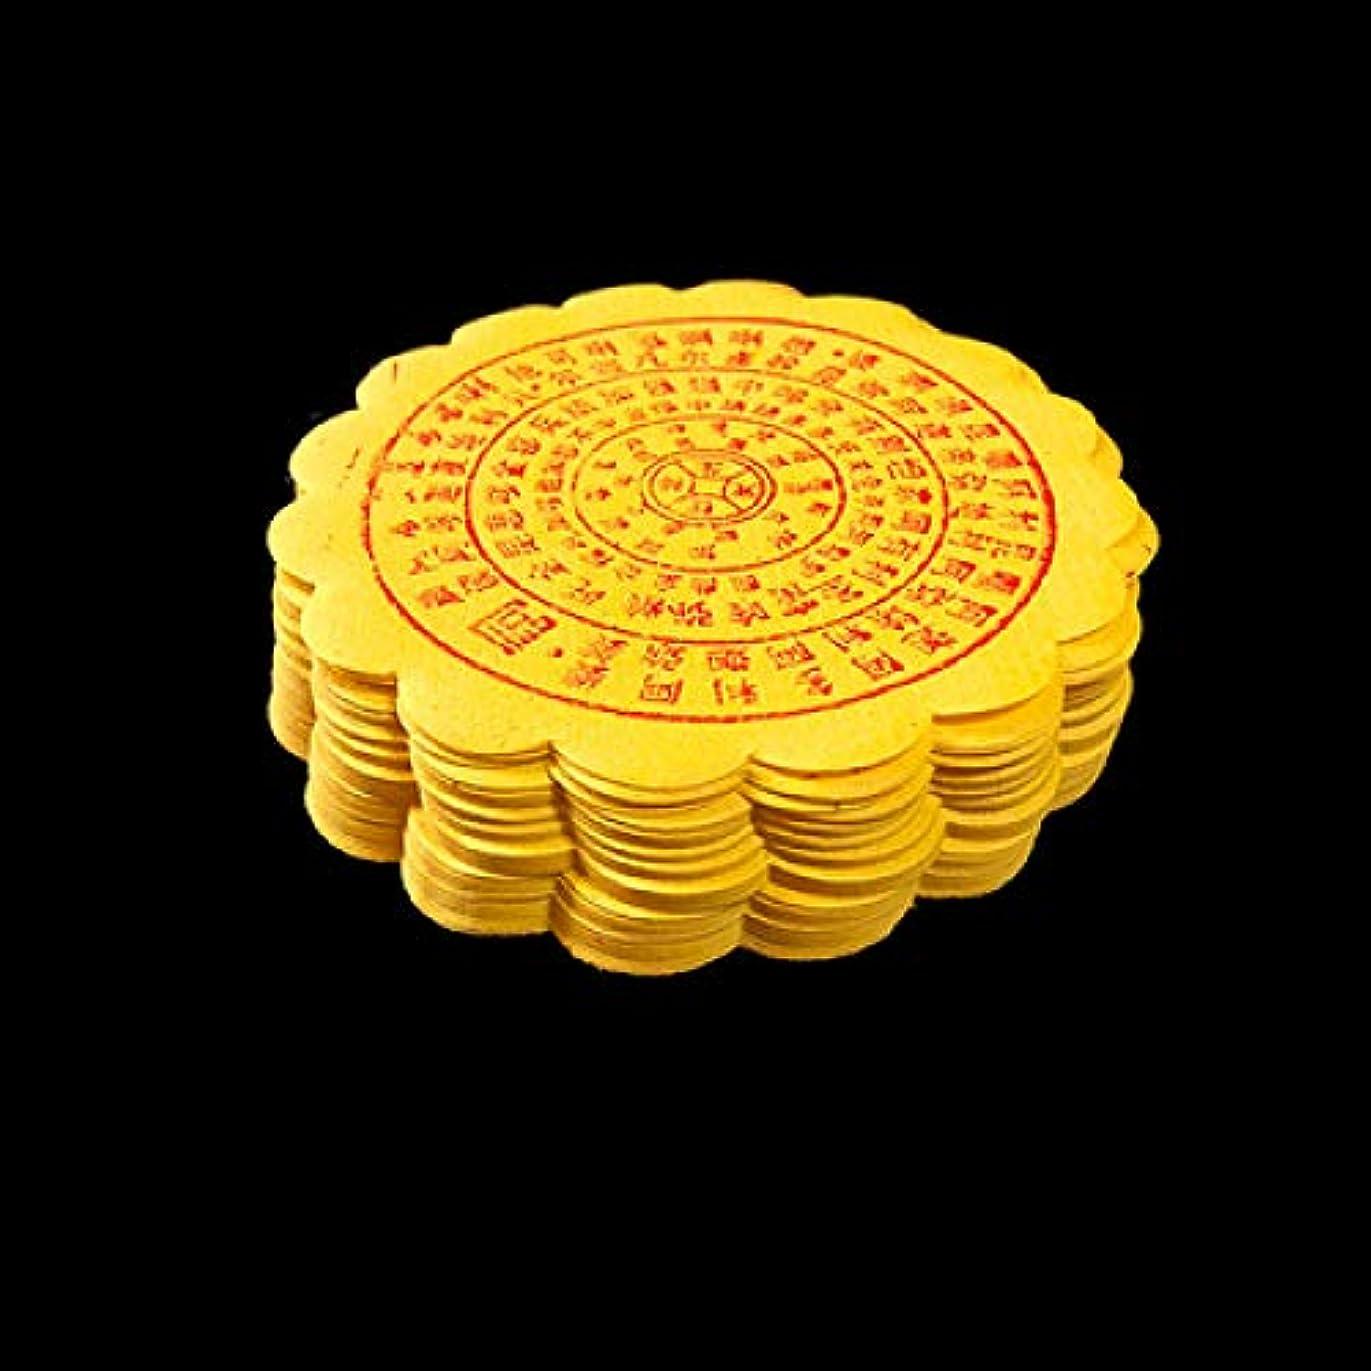 作曲家選出する免除する中国偽地獄紙幣/お金中国香り紙天国地獄銀行売られ過ぎ人D12cm(200ピース)